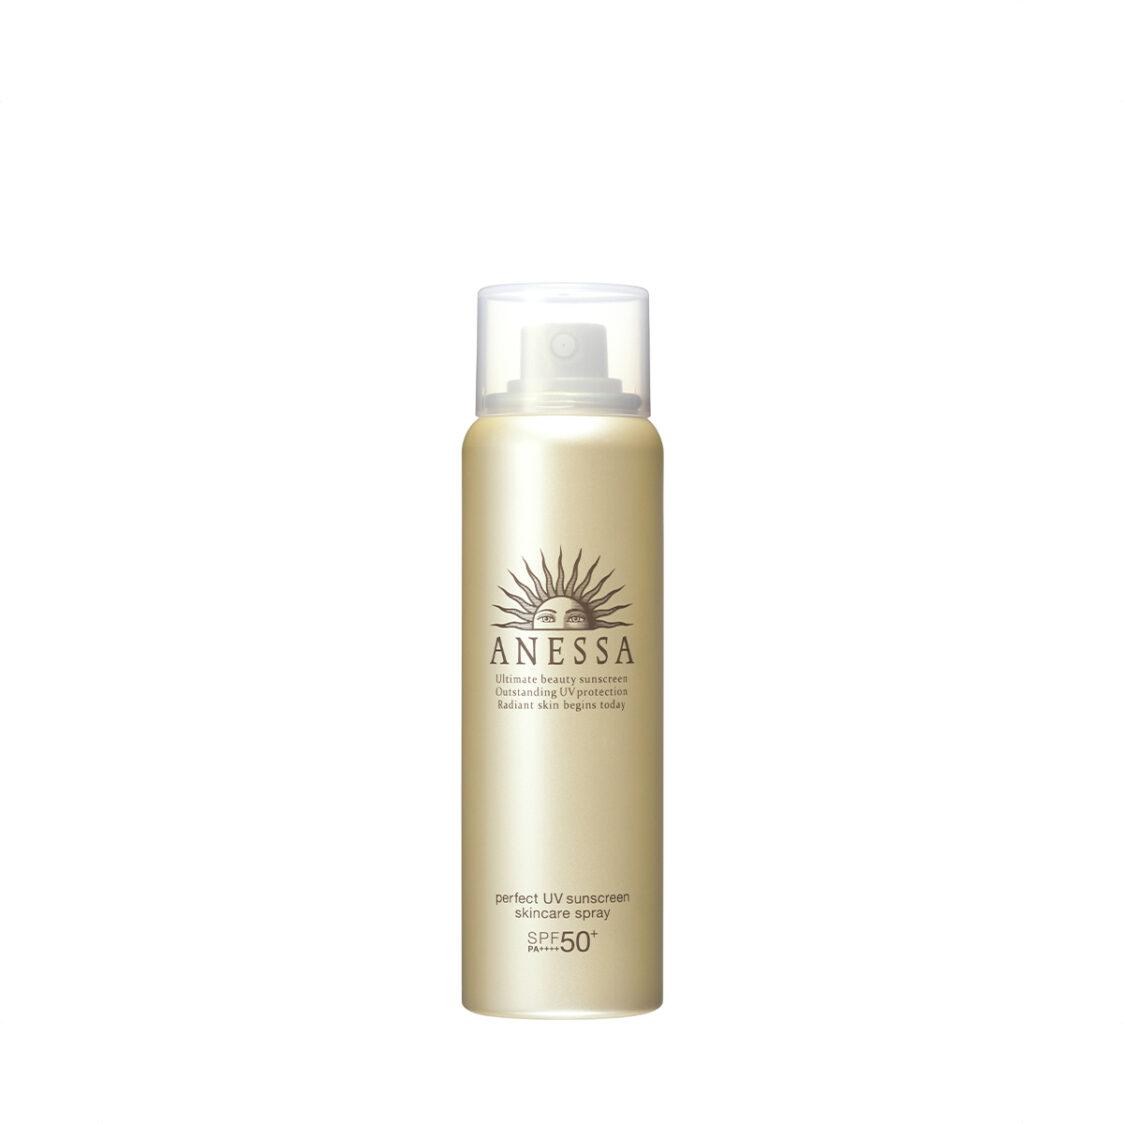 Anessa Perfect UV Sunscreen Skincare Spray 60g